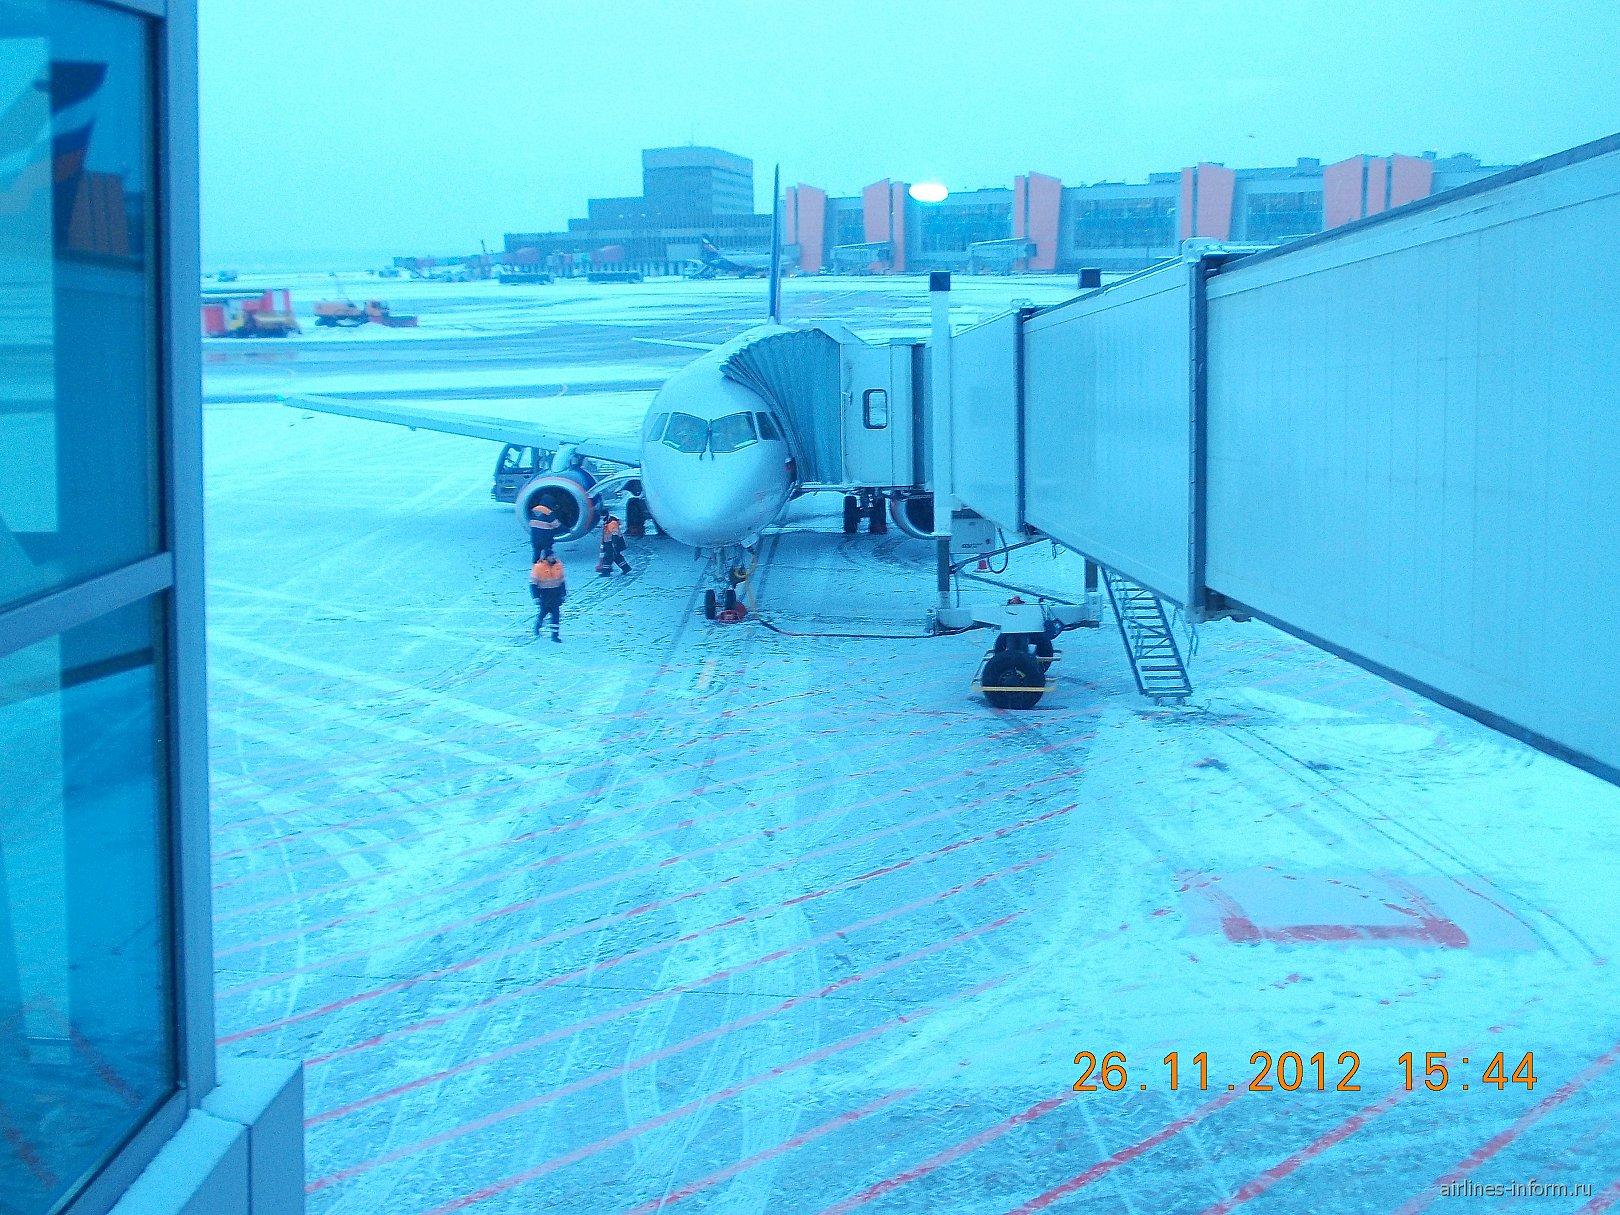 Рейс Аэрофлота Астрахань-Москва прибыл в Шереметьево